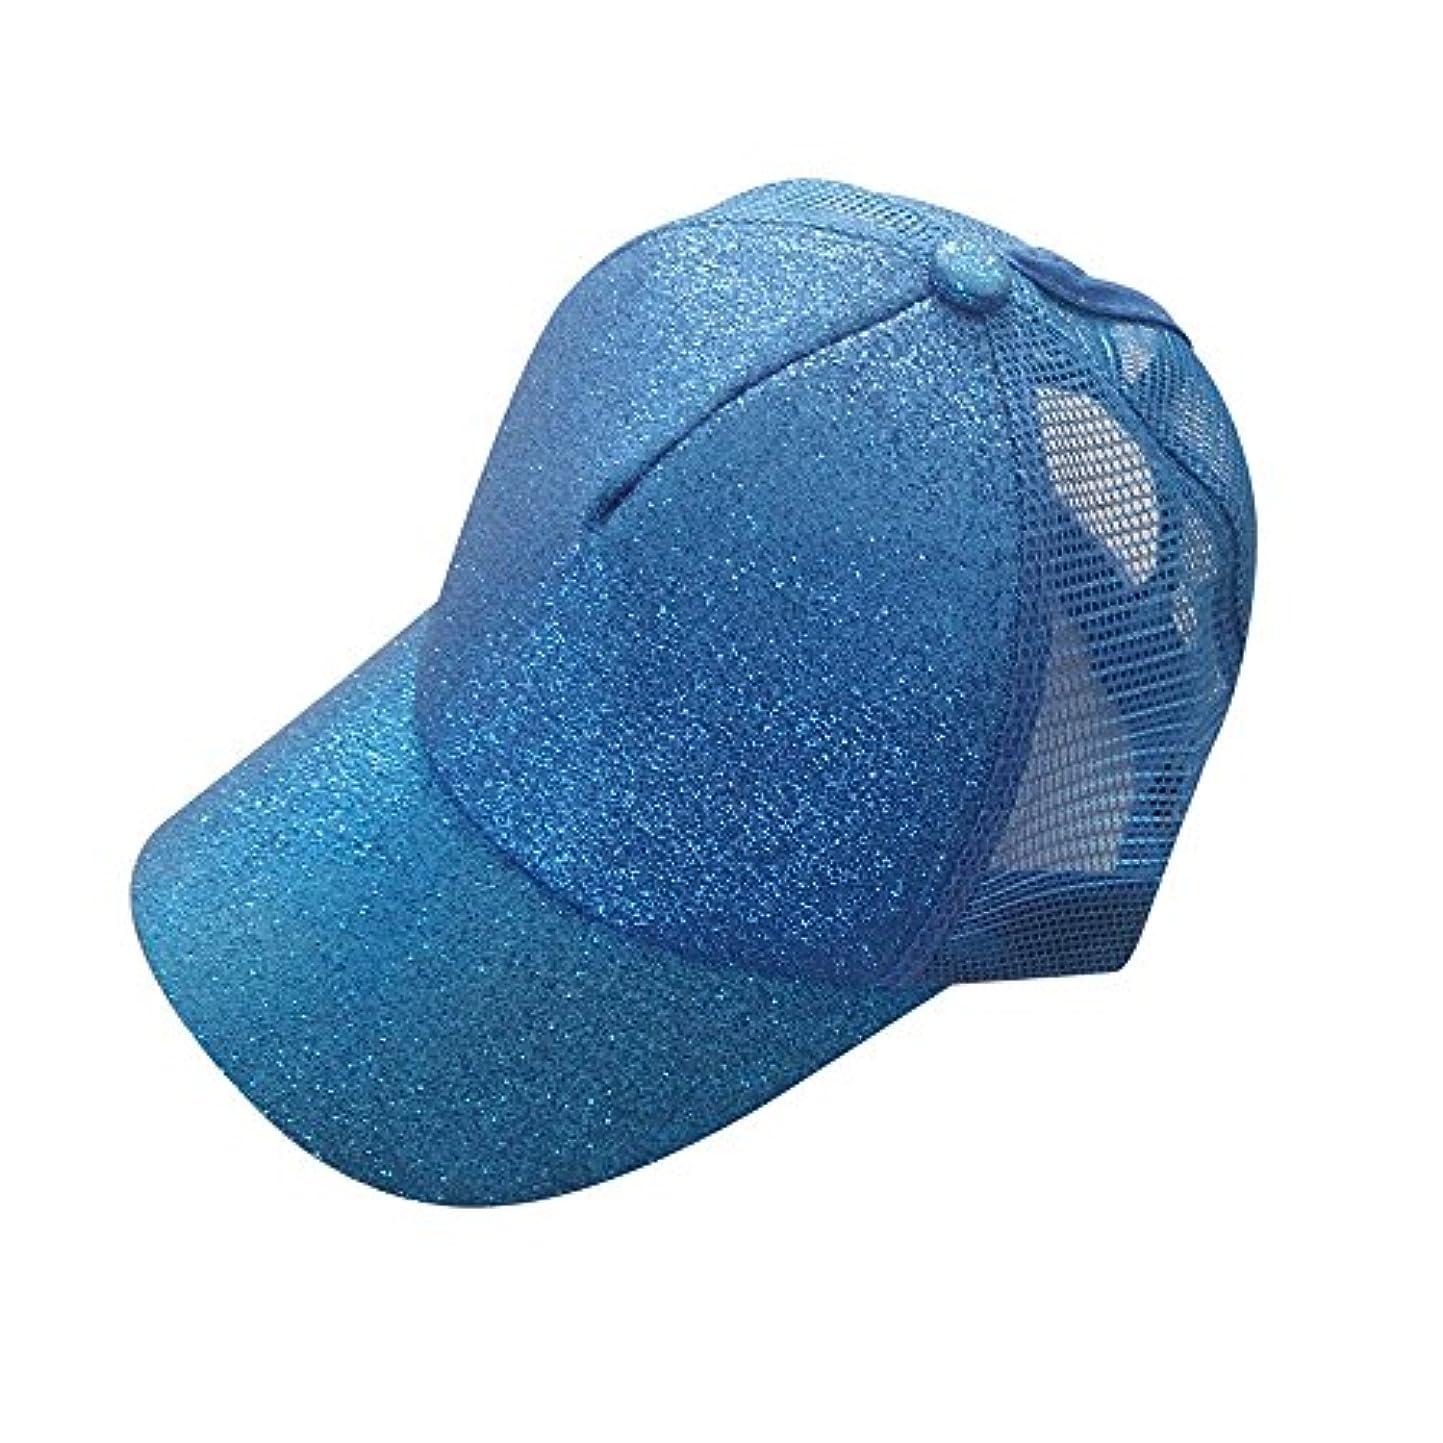 収穫異邦人手錠Racazing Cap スパンコール 無地 メッシュ 野球帽 通気性のある ヒップホップ 帽子 夏 登山 可調整可能 棒球帽 男女兼用 UV 帽子 軽量 屋外 Unisex Cap (青)